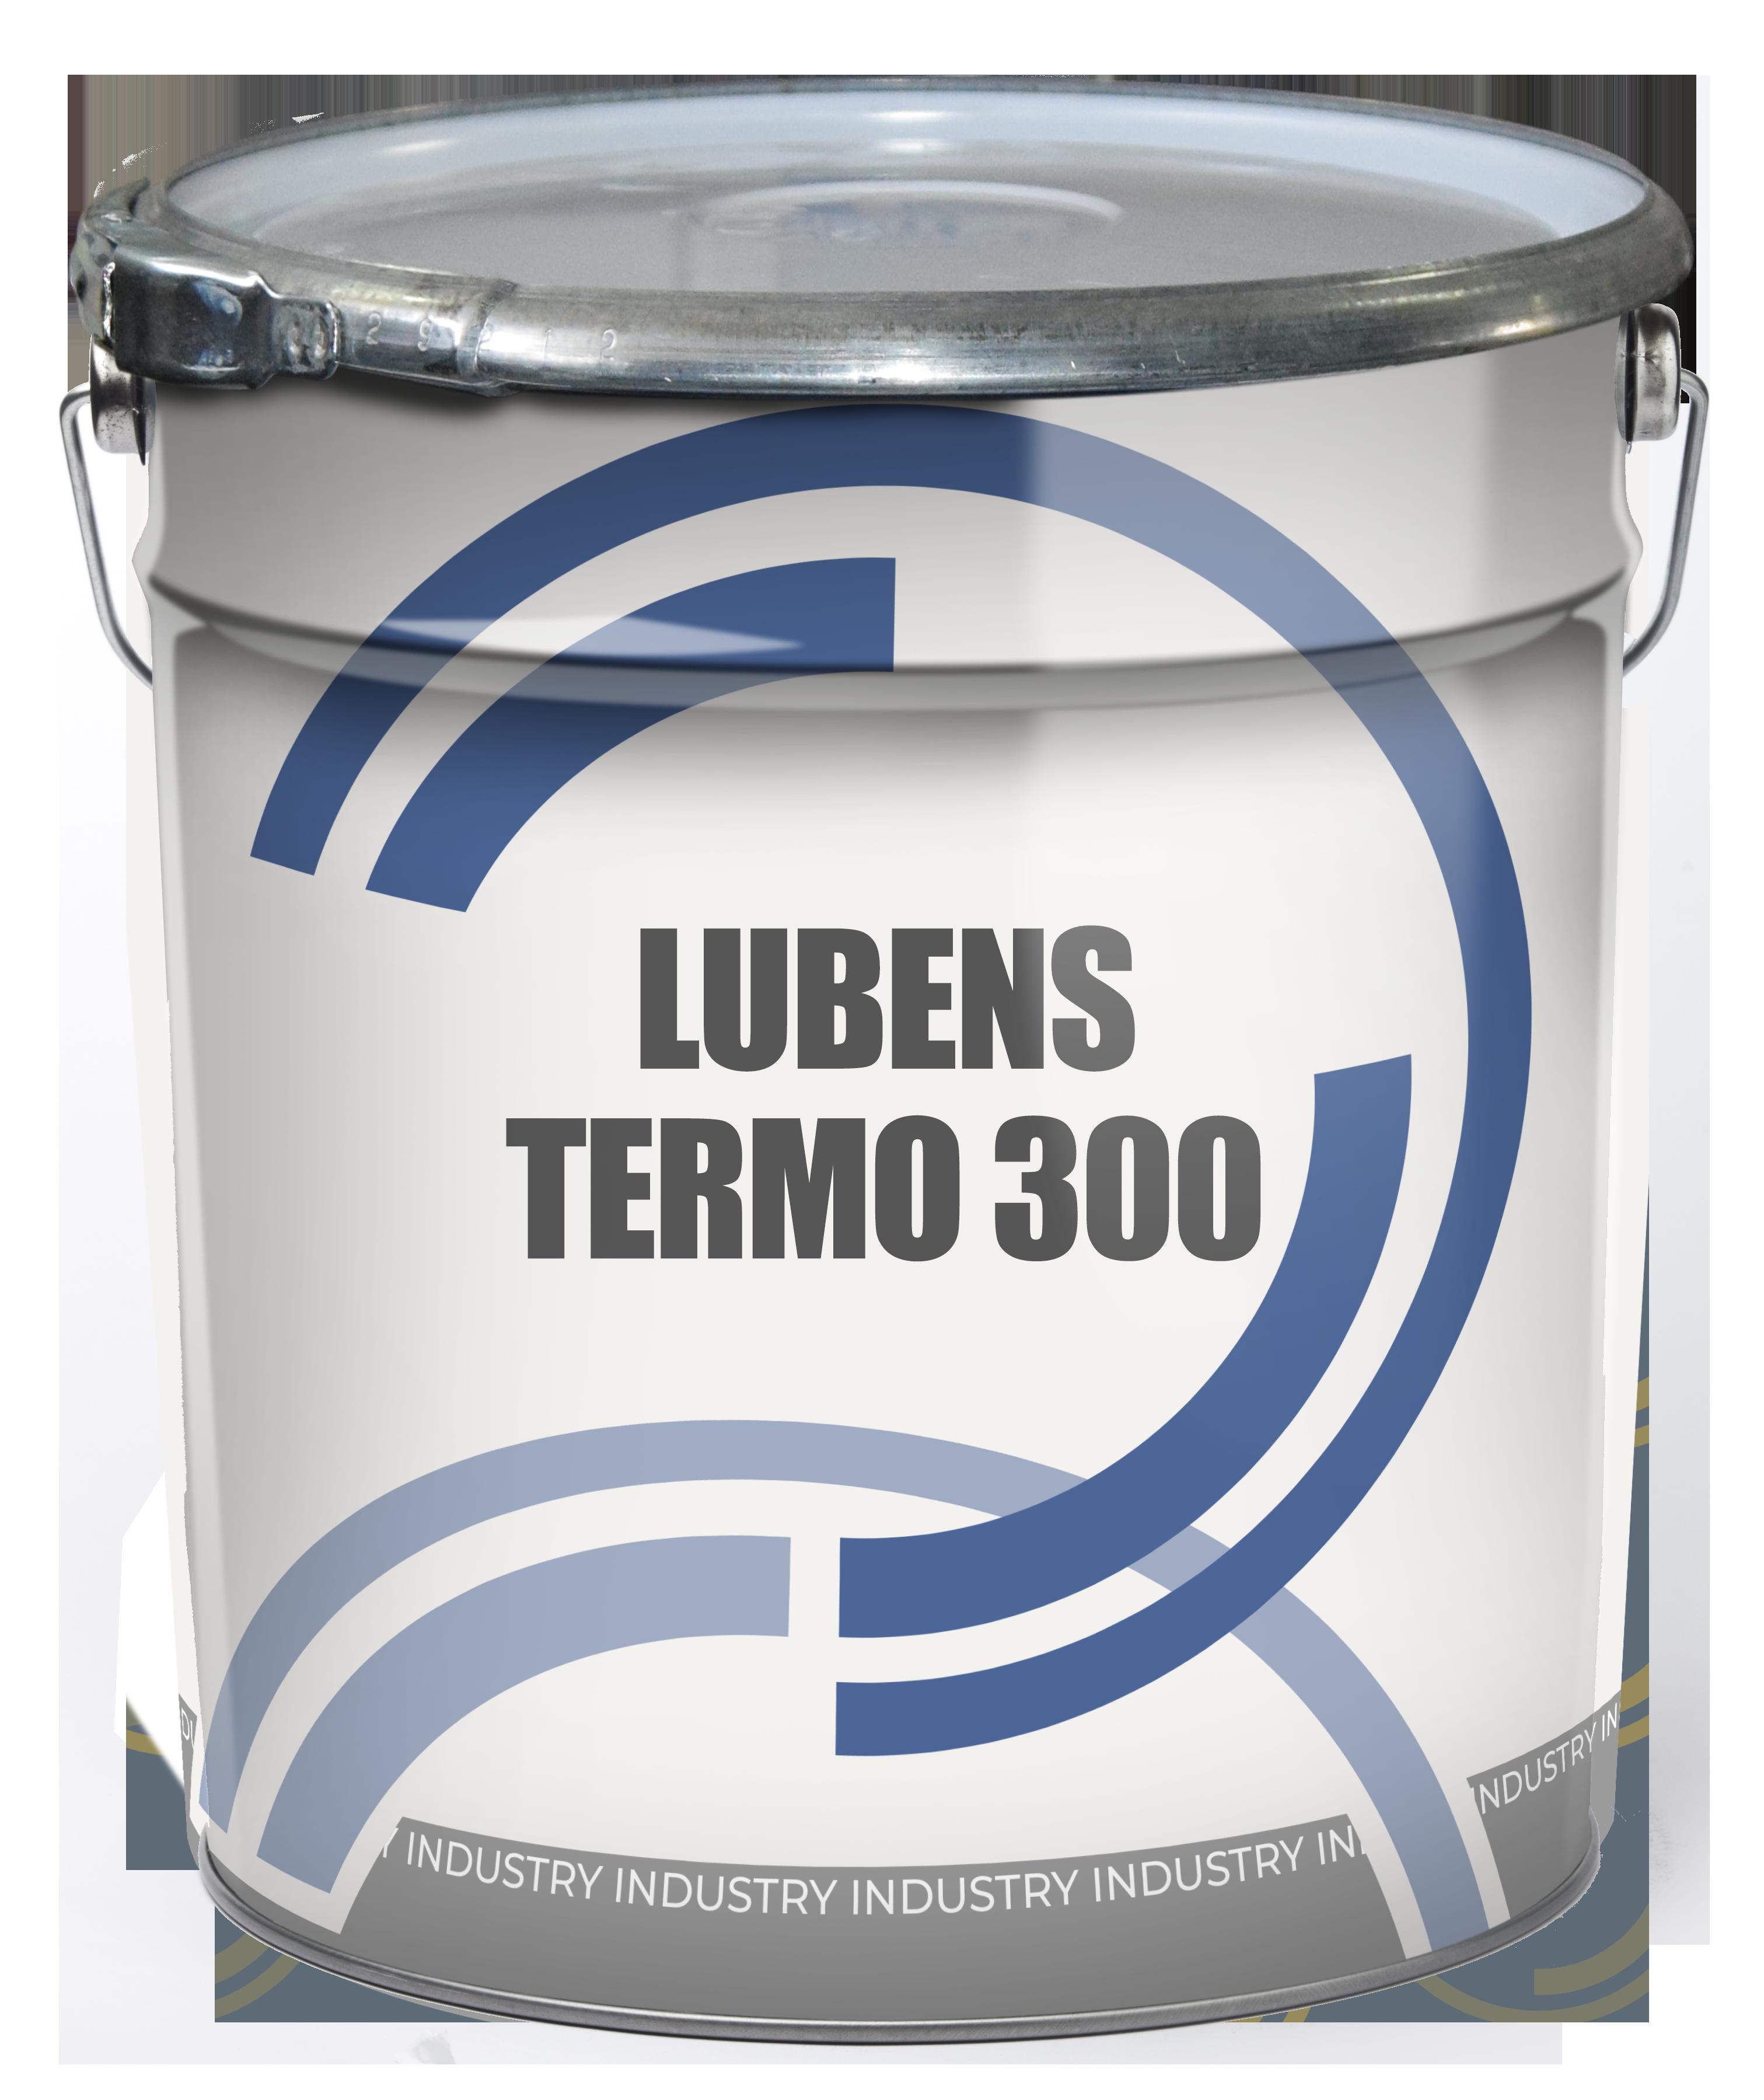 Lubens termo 300